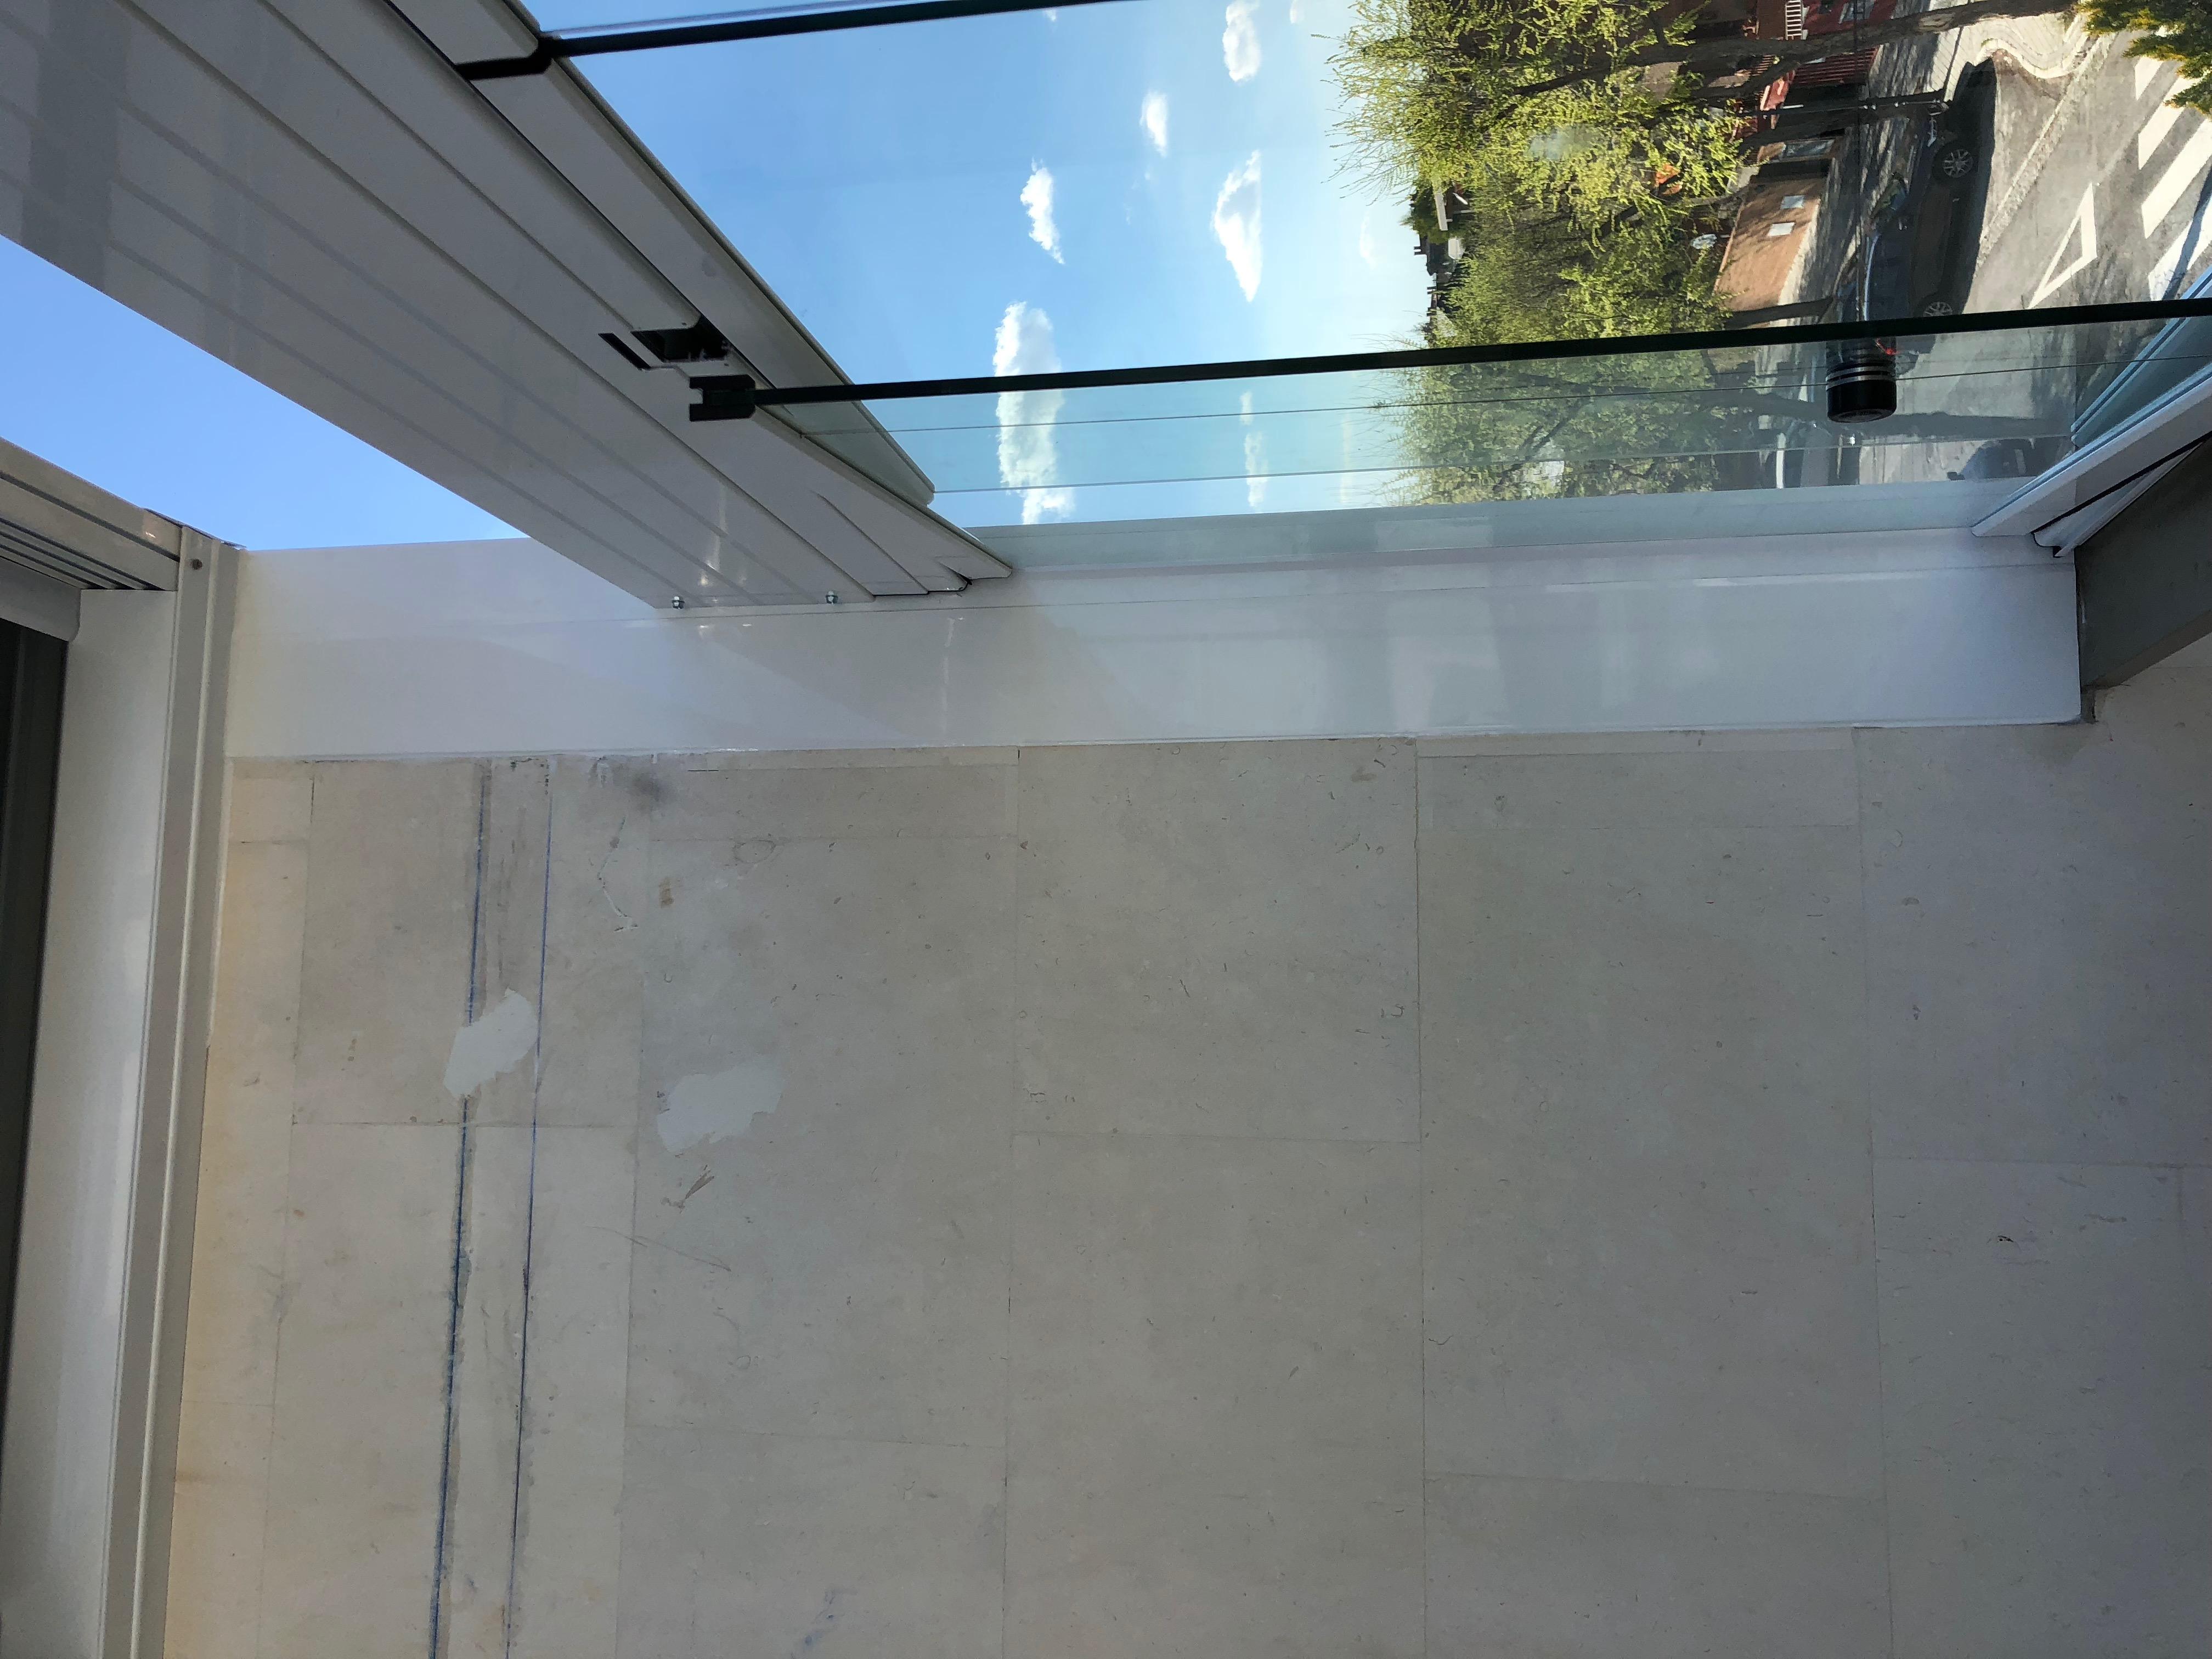 IMG 0454 - Acristalamiento techo móvil motorizado